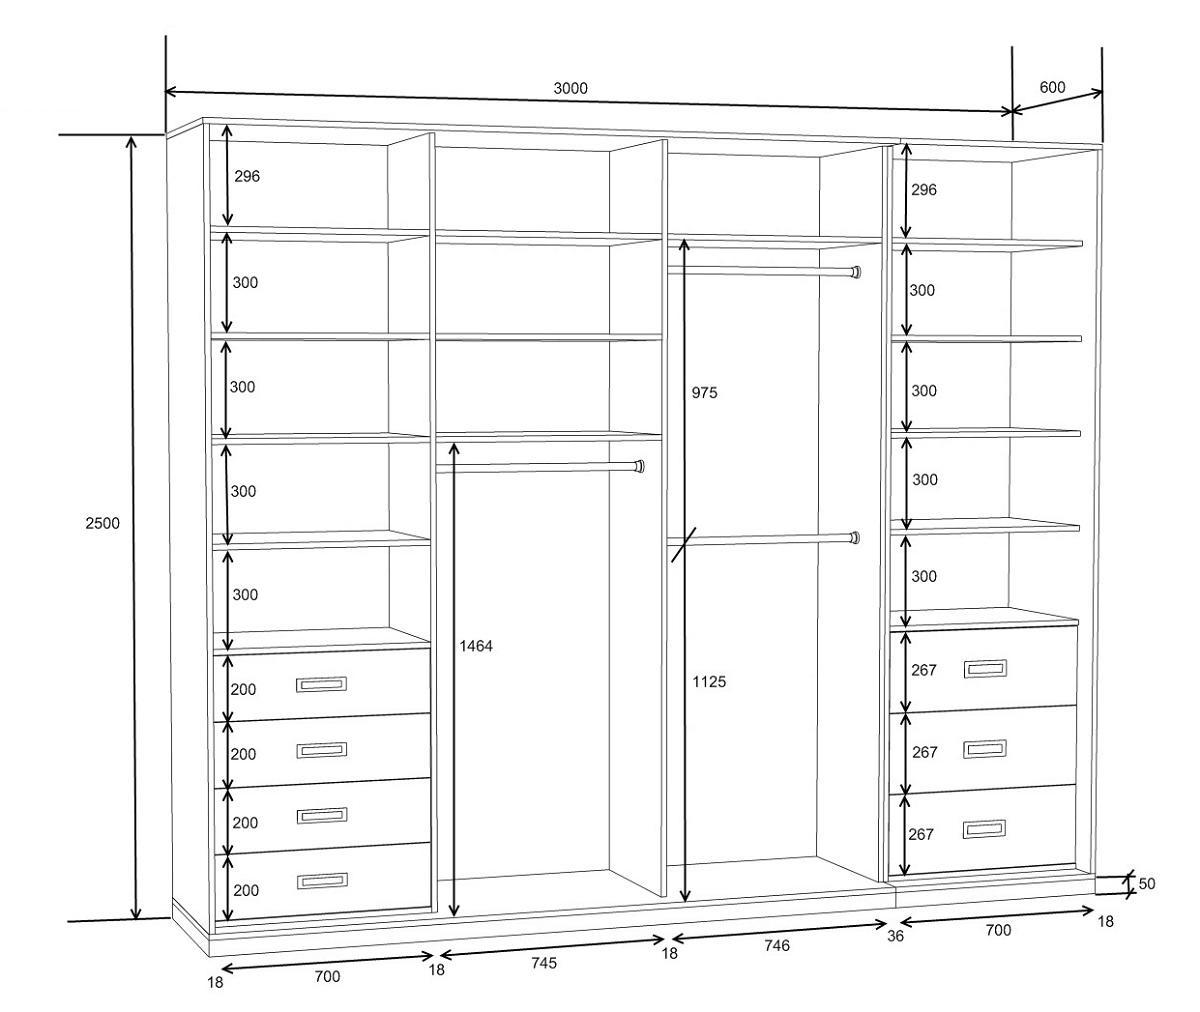 Больше всего места в шкафу-купе следует отводить на отдел, где будет располагаться верхняя одежда